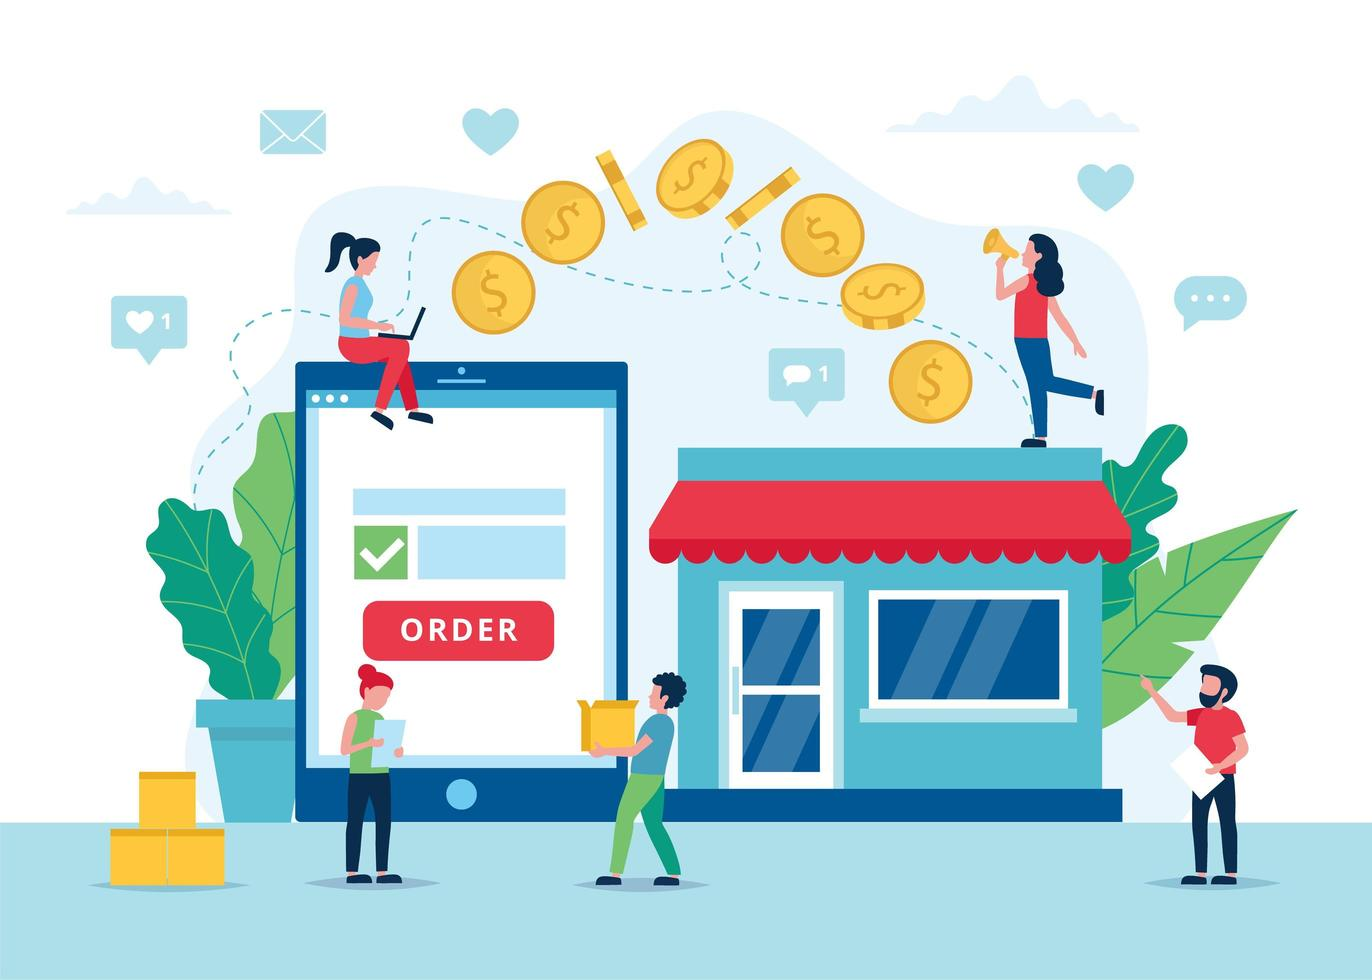 processus de paiement de commande en ligne avec tablette vecteur